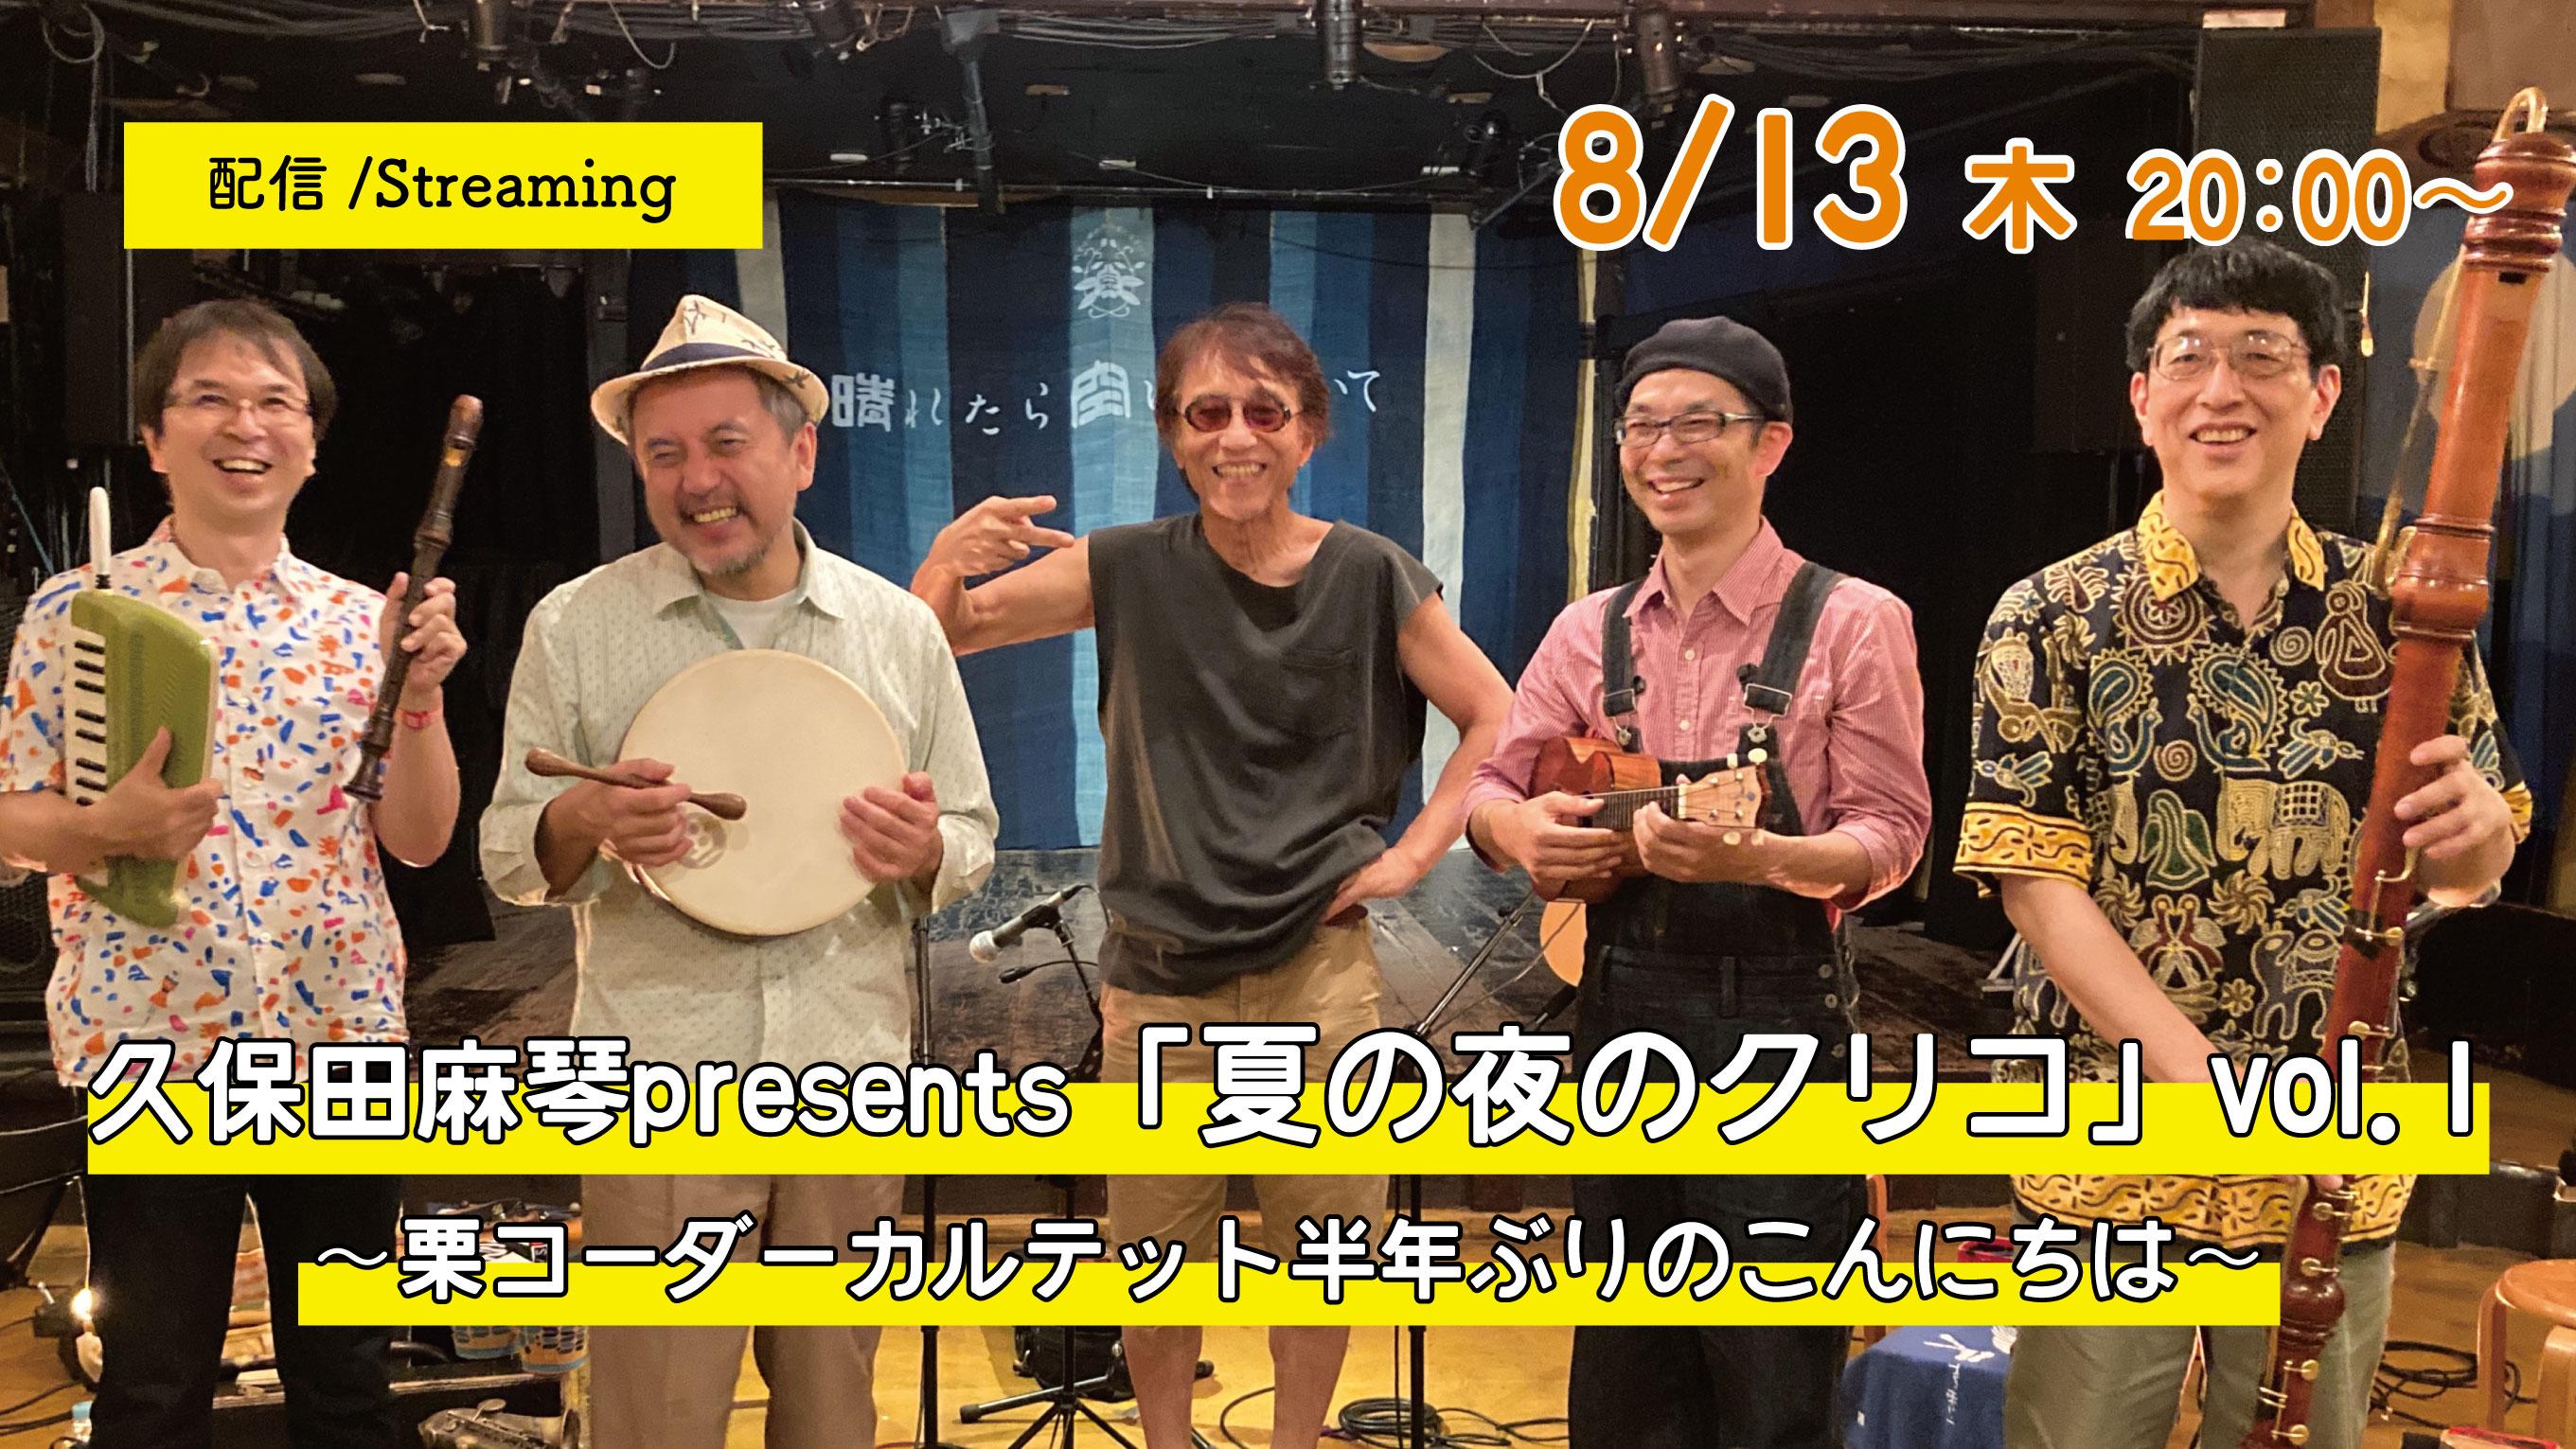 久保田麻琴presents「夏の夜のクリコ」VOL.1 〜栗コーダーカルテット半年ぶりのこんにちは〜